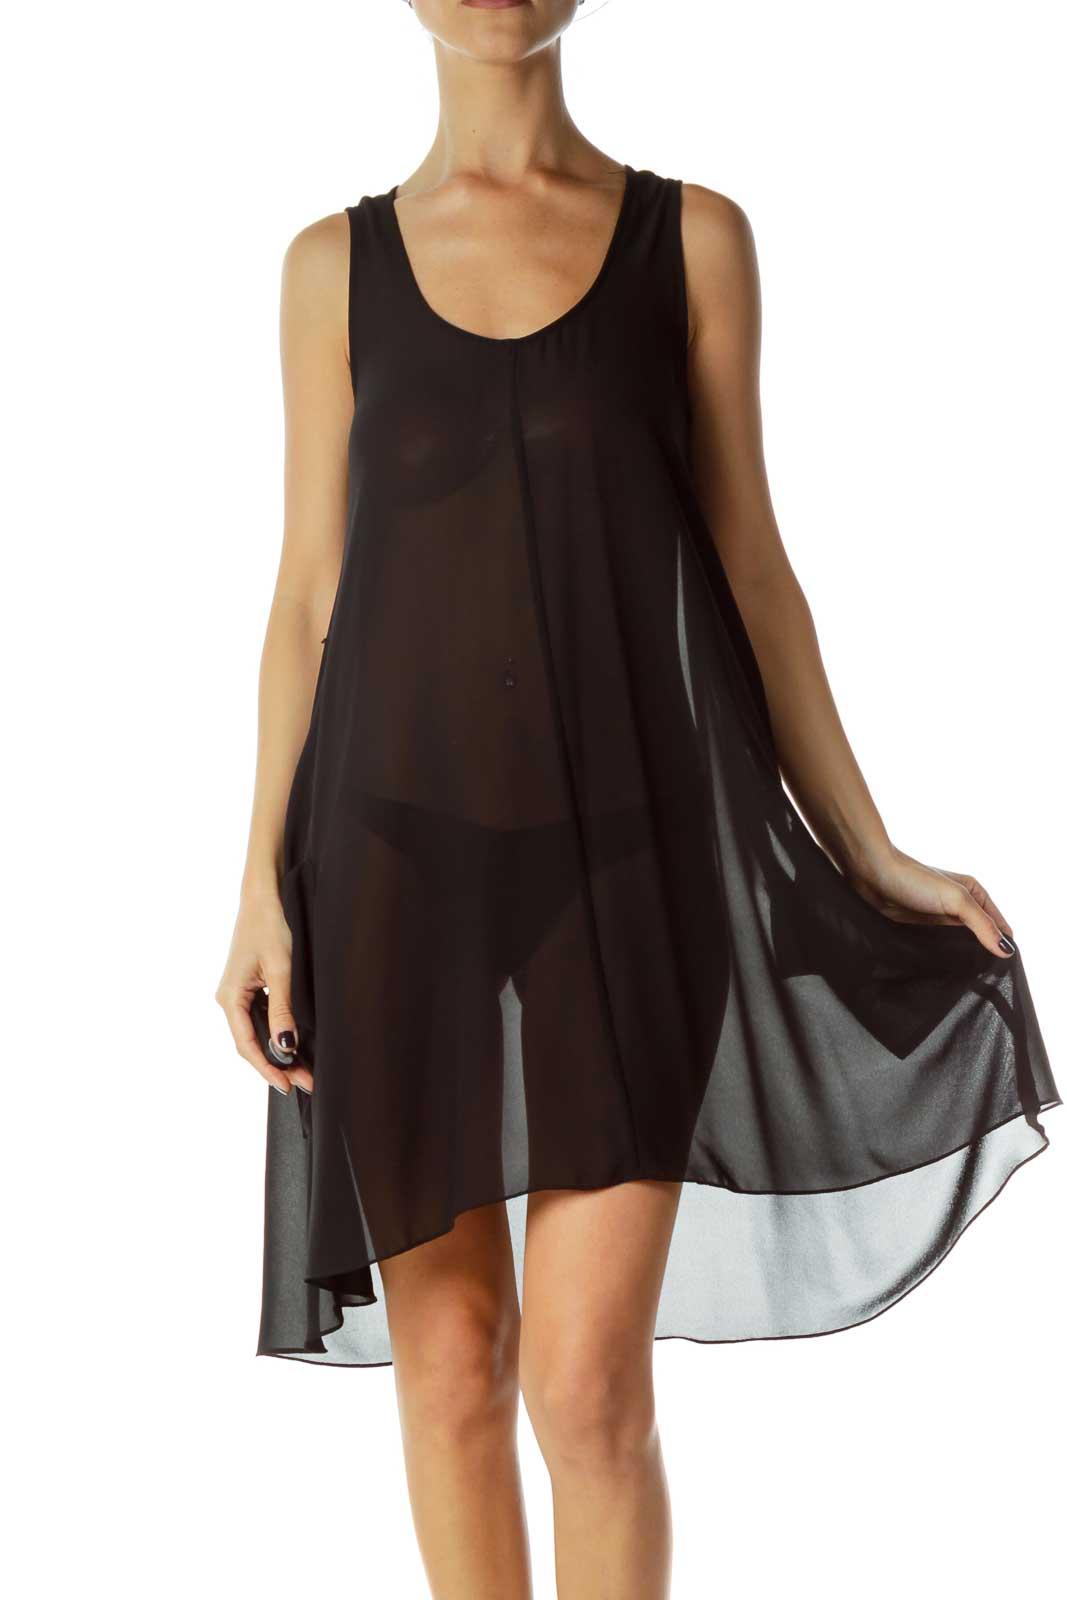 Black Sheer Sleeveless Dress Front